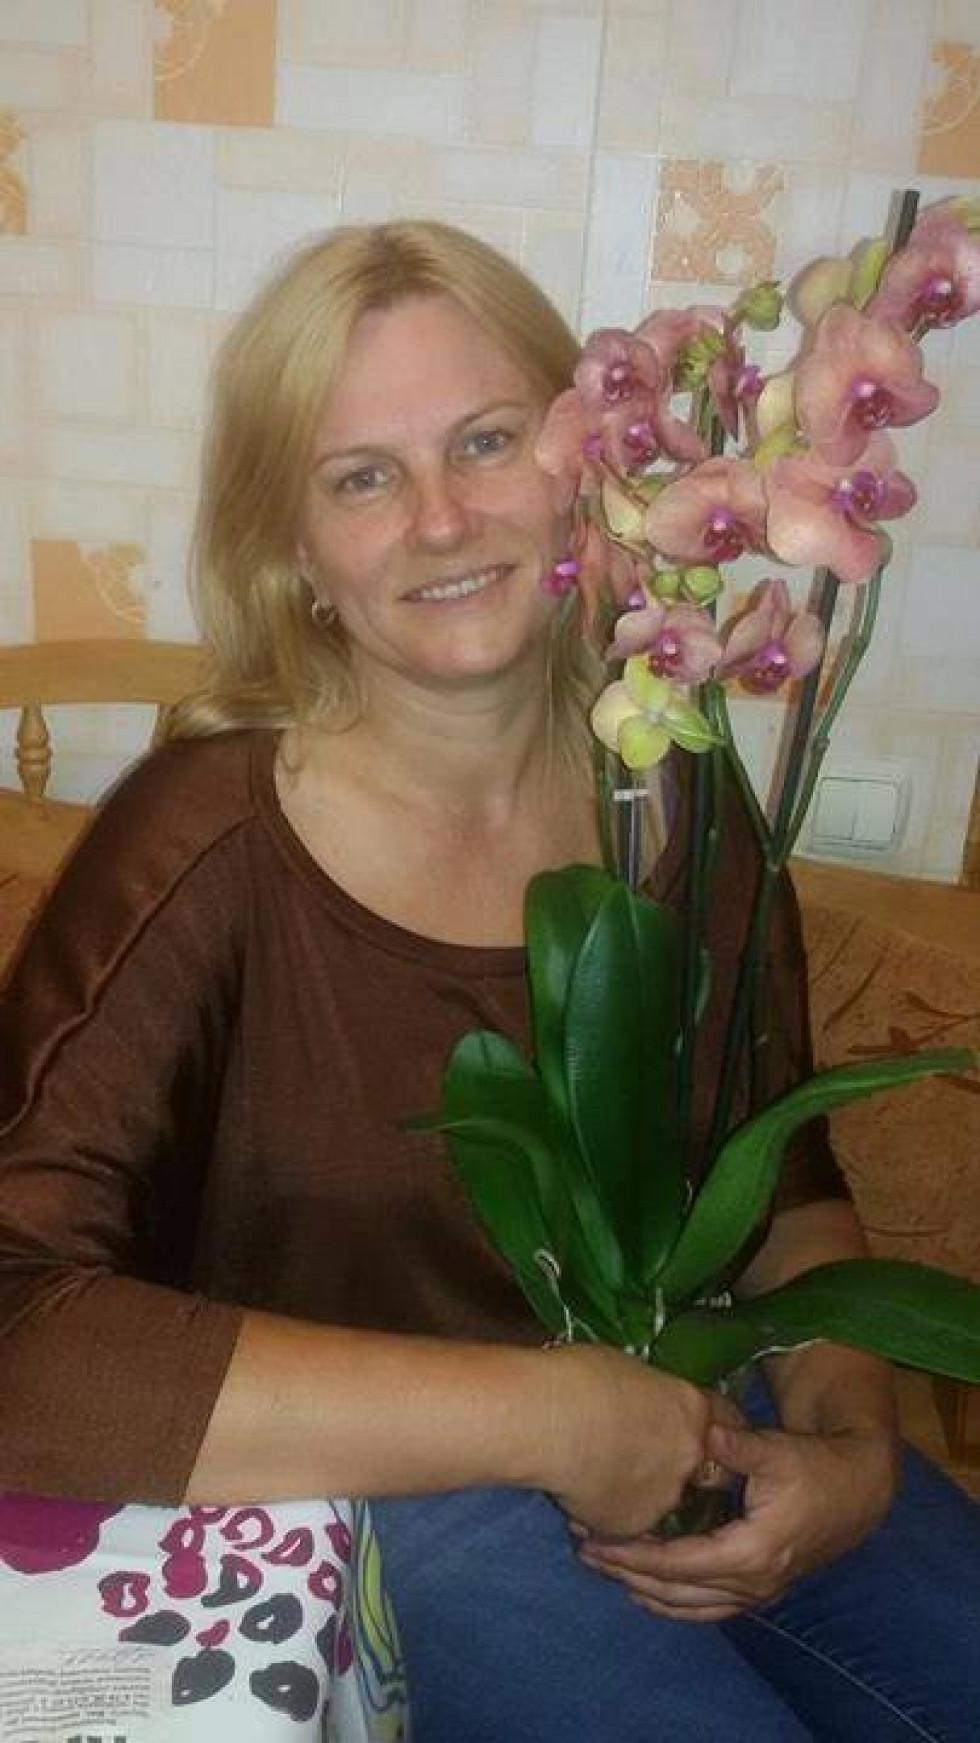 Я люблю орхідеї. Це найдавніші і дуже прекрасні квіти.